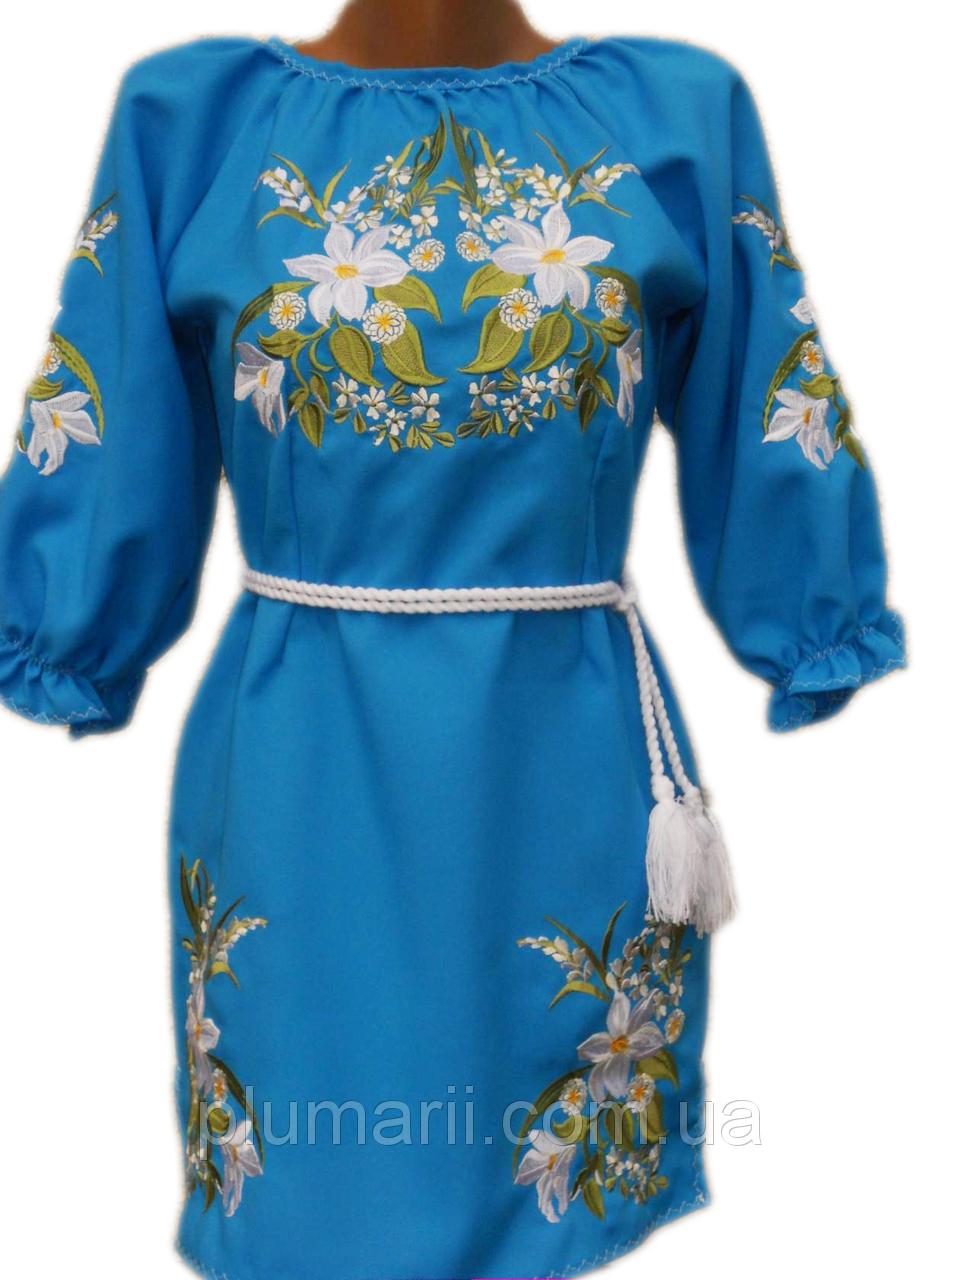 """Вишите плаття для дівчинки """"Носсі"""" (Вышитое платье для девочки """"Носси"""") DN-0048"""